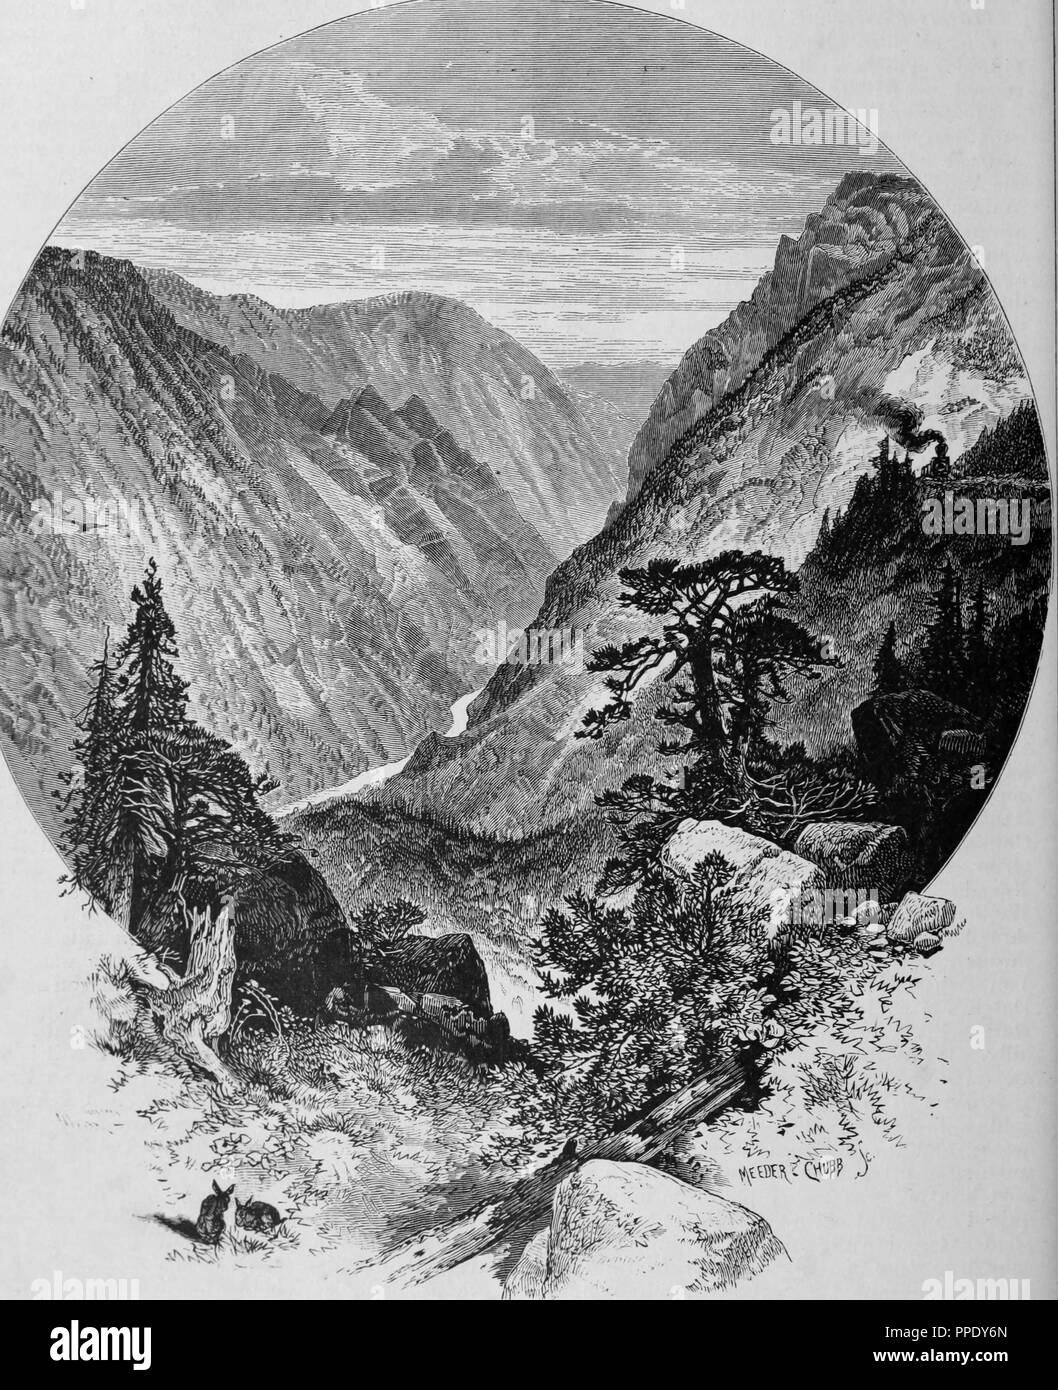 """Incisione del gigante il gap in American River Canyon, dal libro """"Pacifico turisti"""", 1877. La cortesia Internet Archive. () Immagini Stock"""